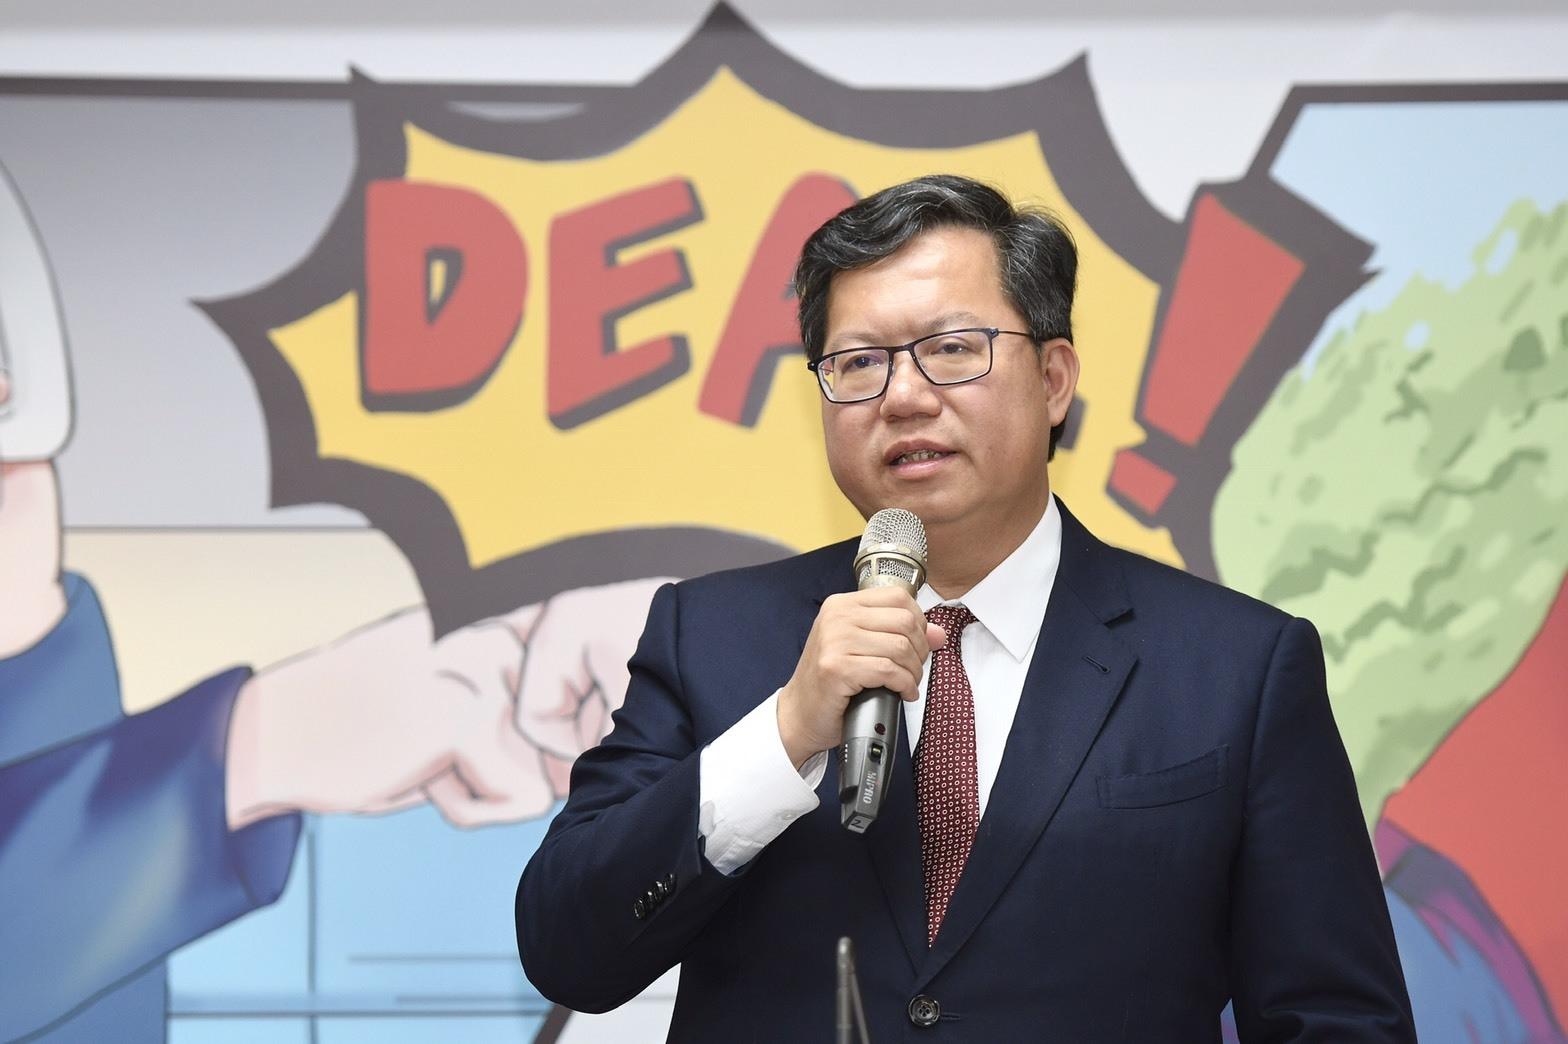 市長致詞表示,成立北桃交流合作平台,「接地氣、做實事」,創造雙城共好